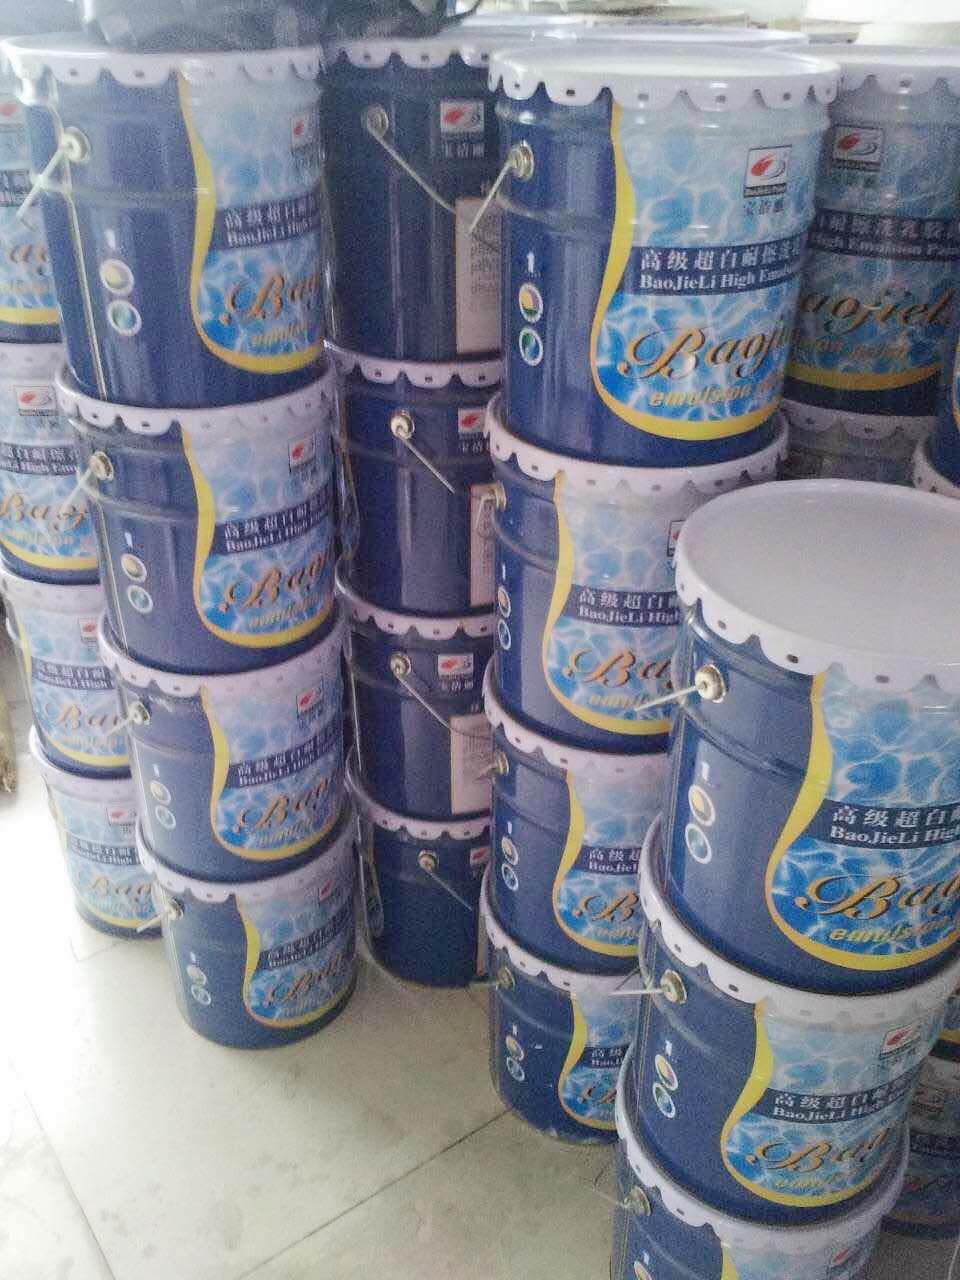 水漆价格-老成丰油漆色精经销处质量好的水漆新品上市